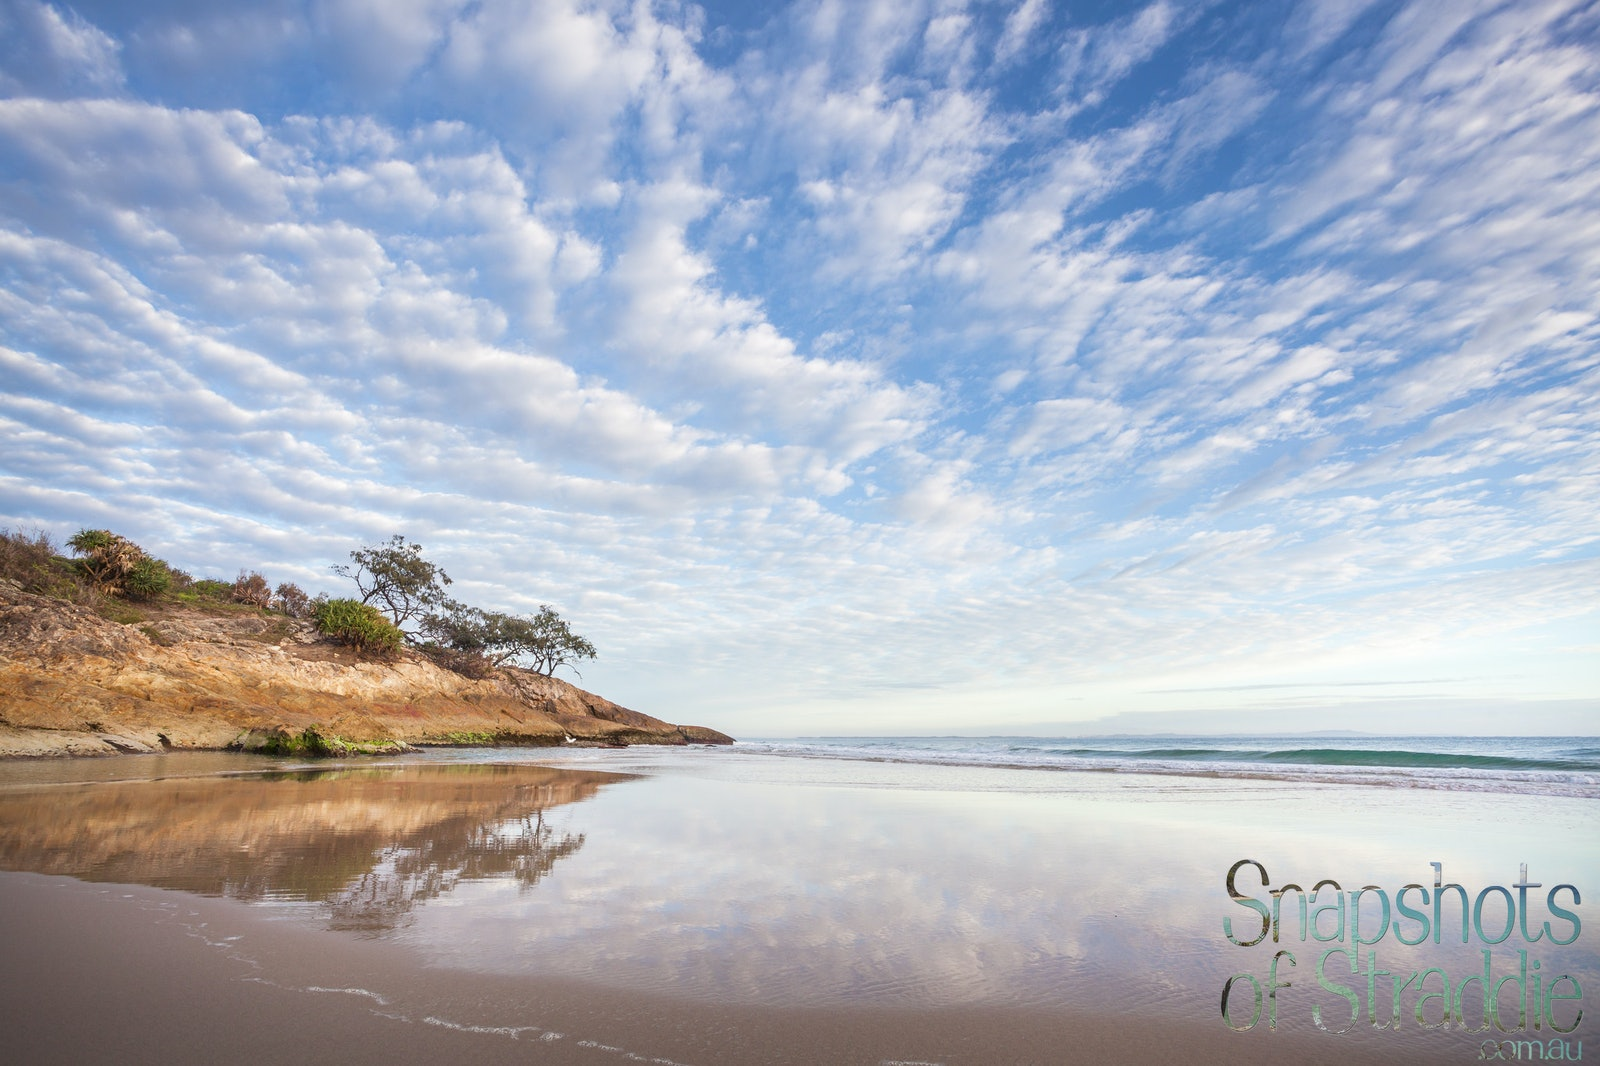 Mirror - Home Beach West - Snapshots of Straddie. Photographs from North Stradbroke Island, Queensland Australia. www.snapshotsofstraddie.com.au. Julie...